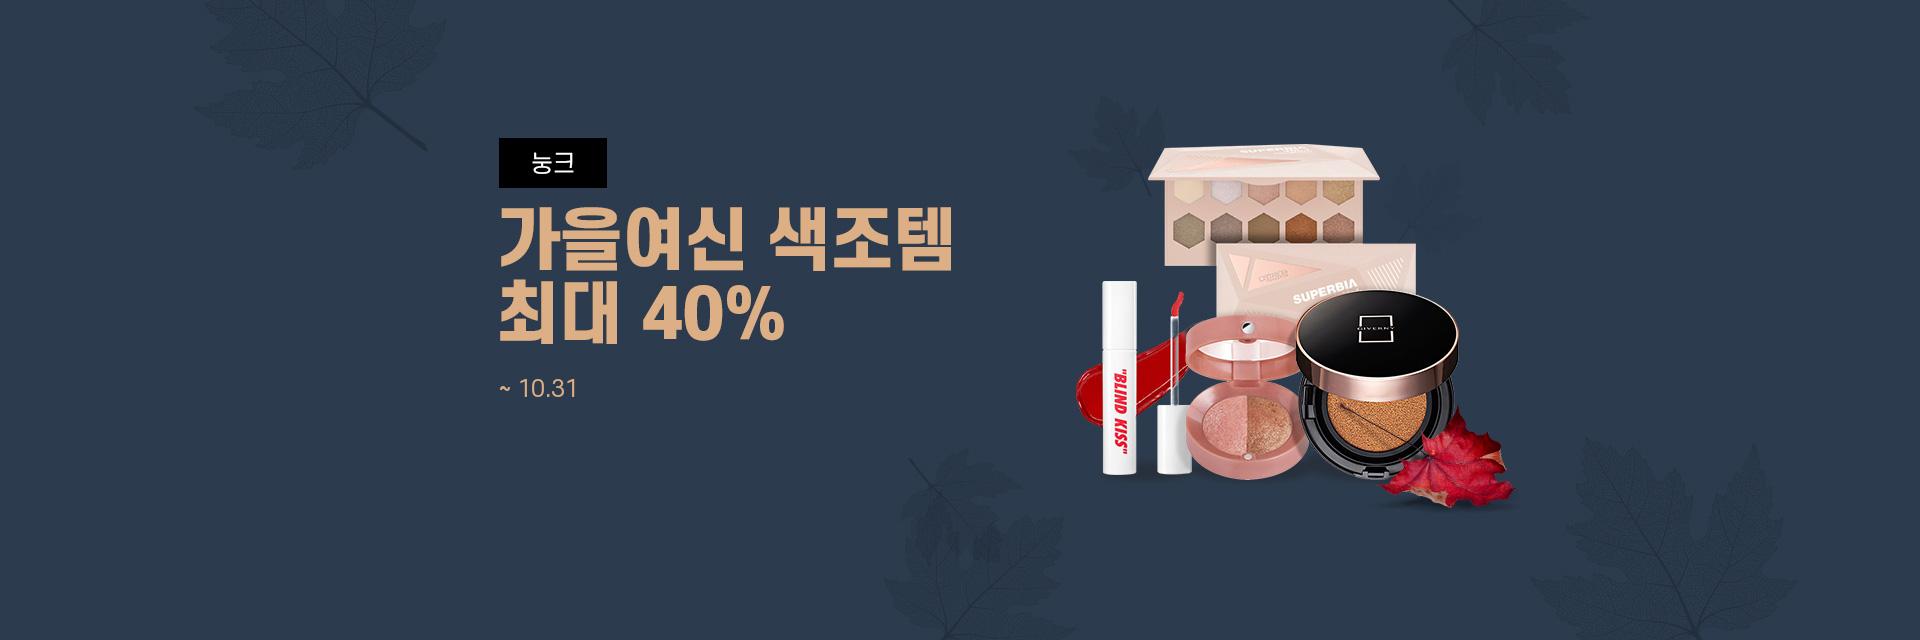 가을여신 색조템 40%